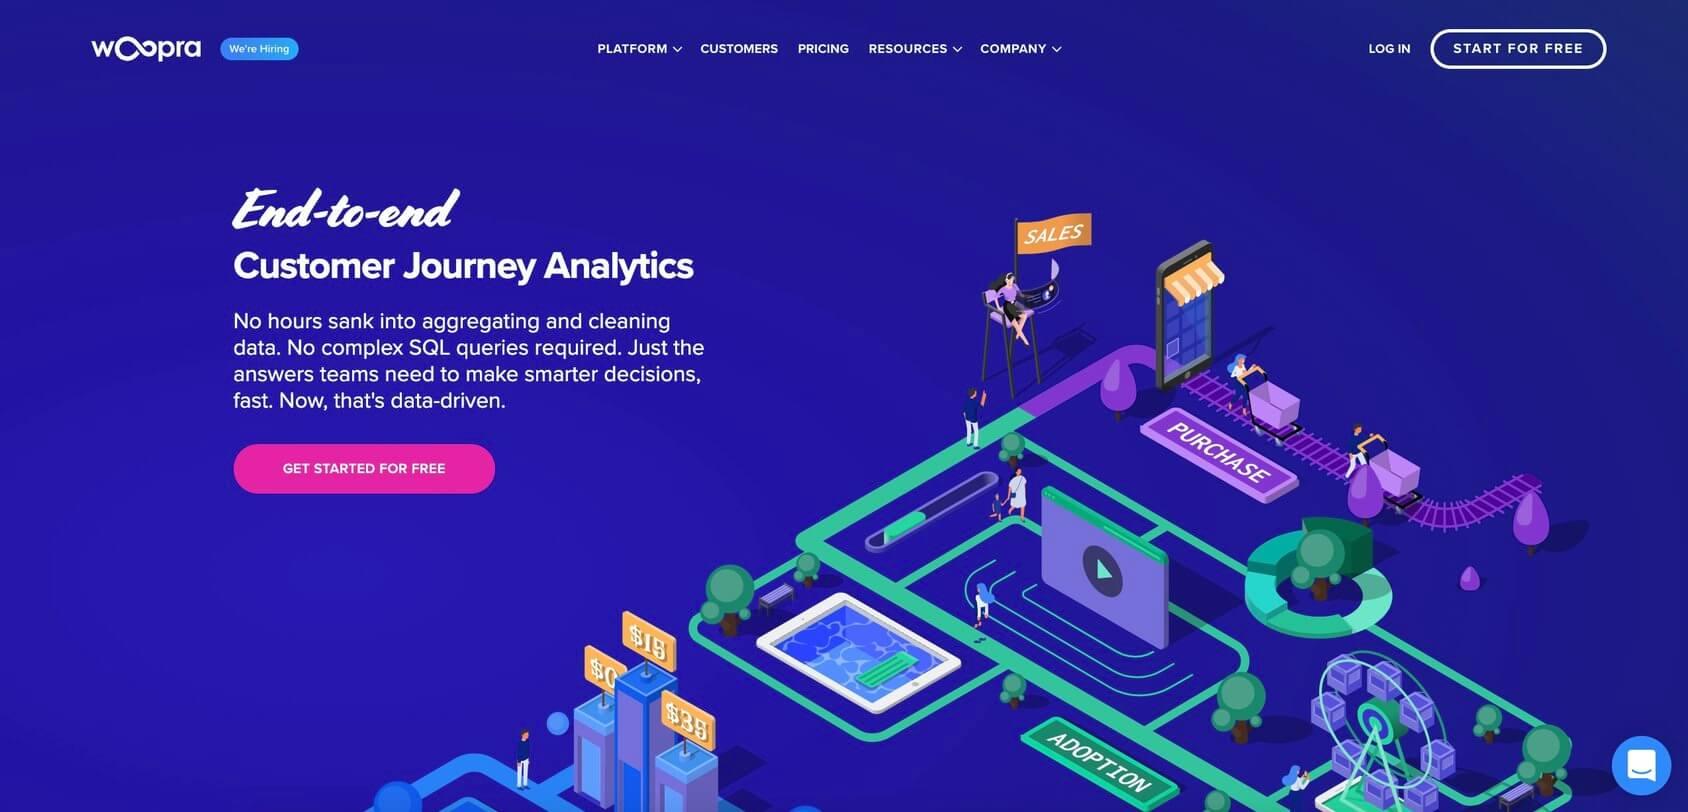 Woopra homepage